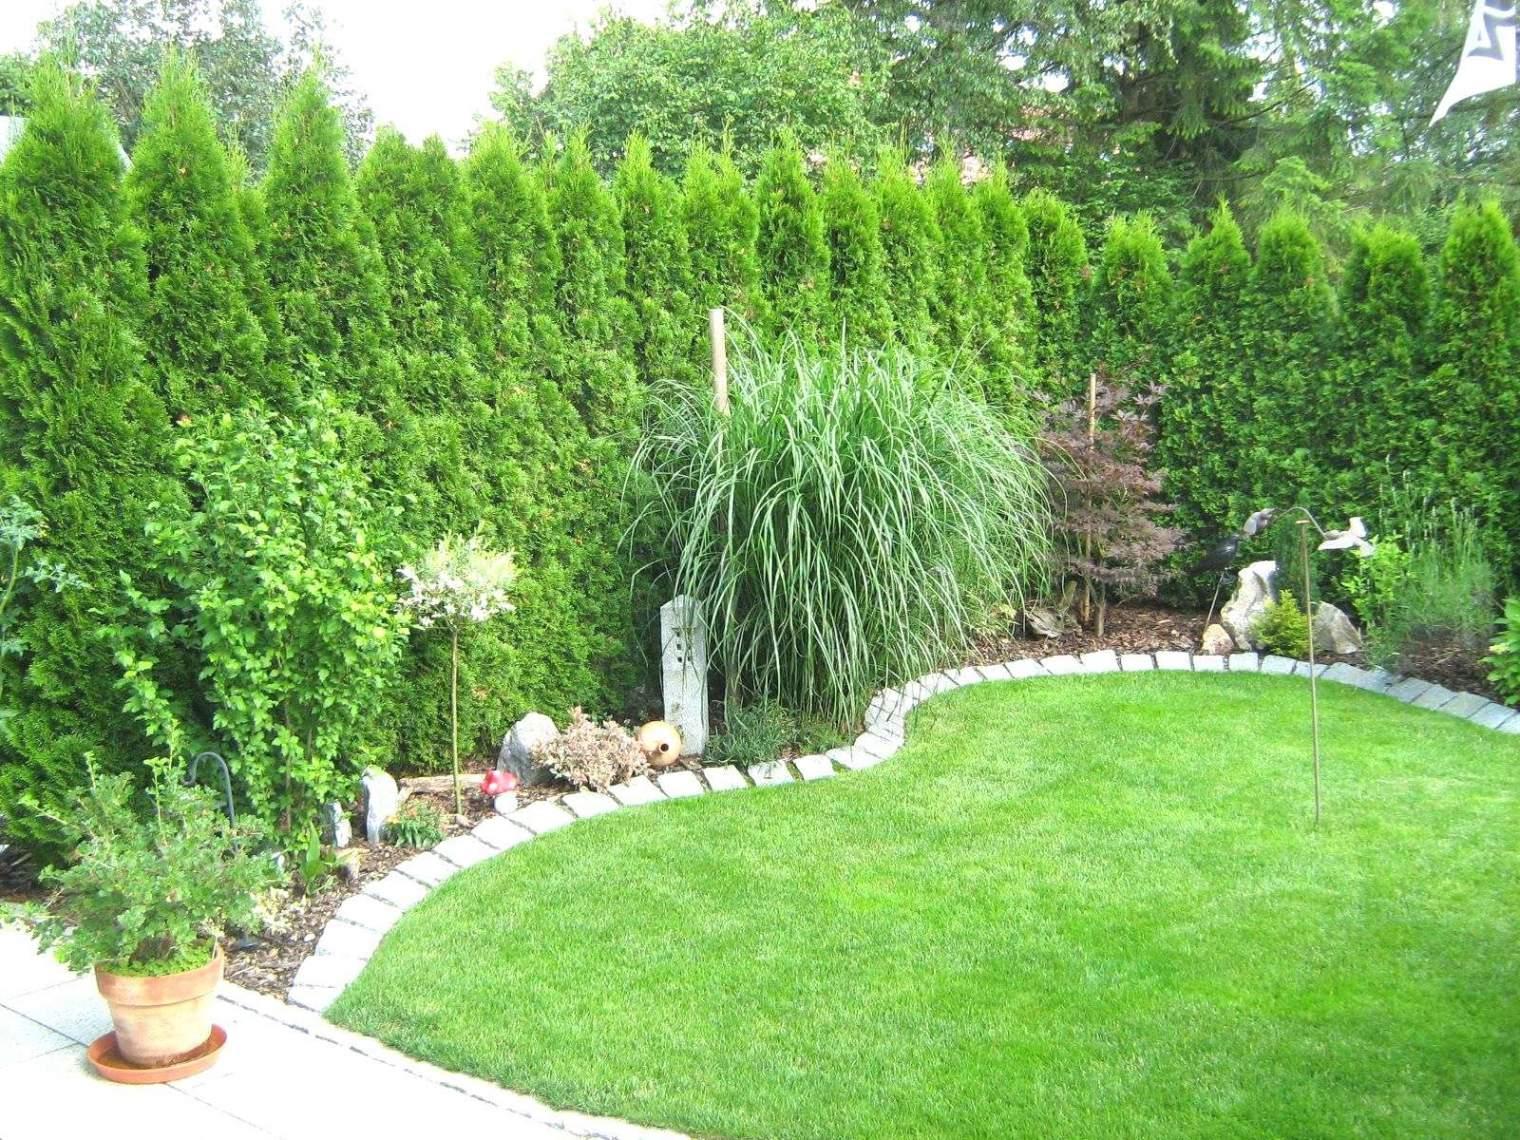 einen garten anlegen ehrfurchtig garten gestalten 0d house konzept kleiner reihenhausgarten gestalten kleiner reihenhausgarten gestalten